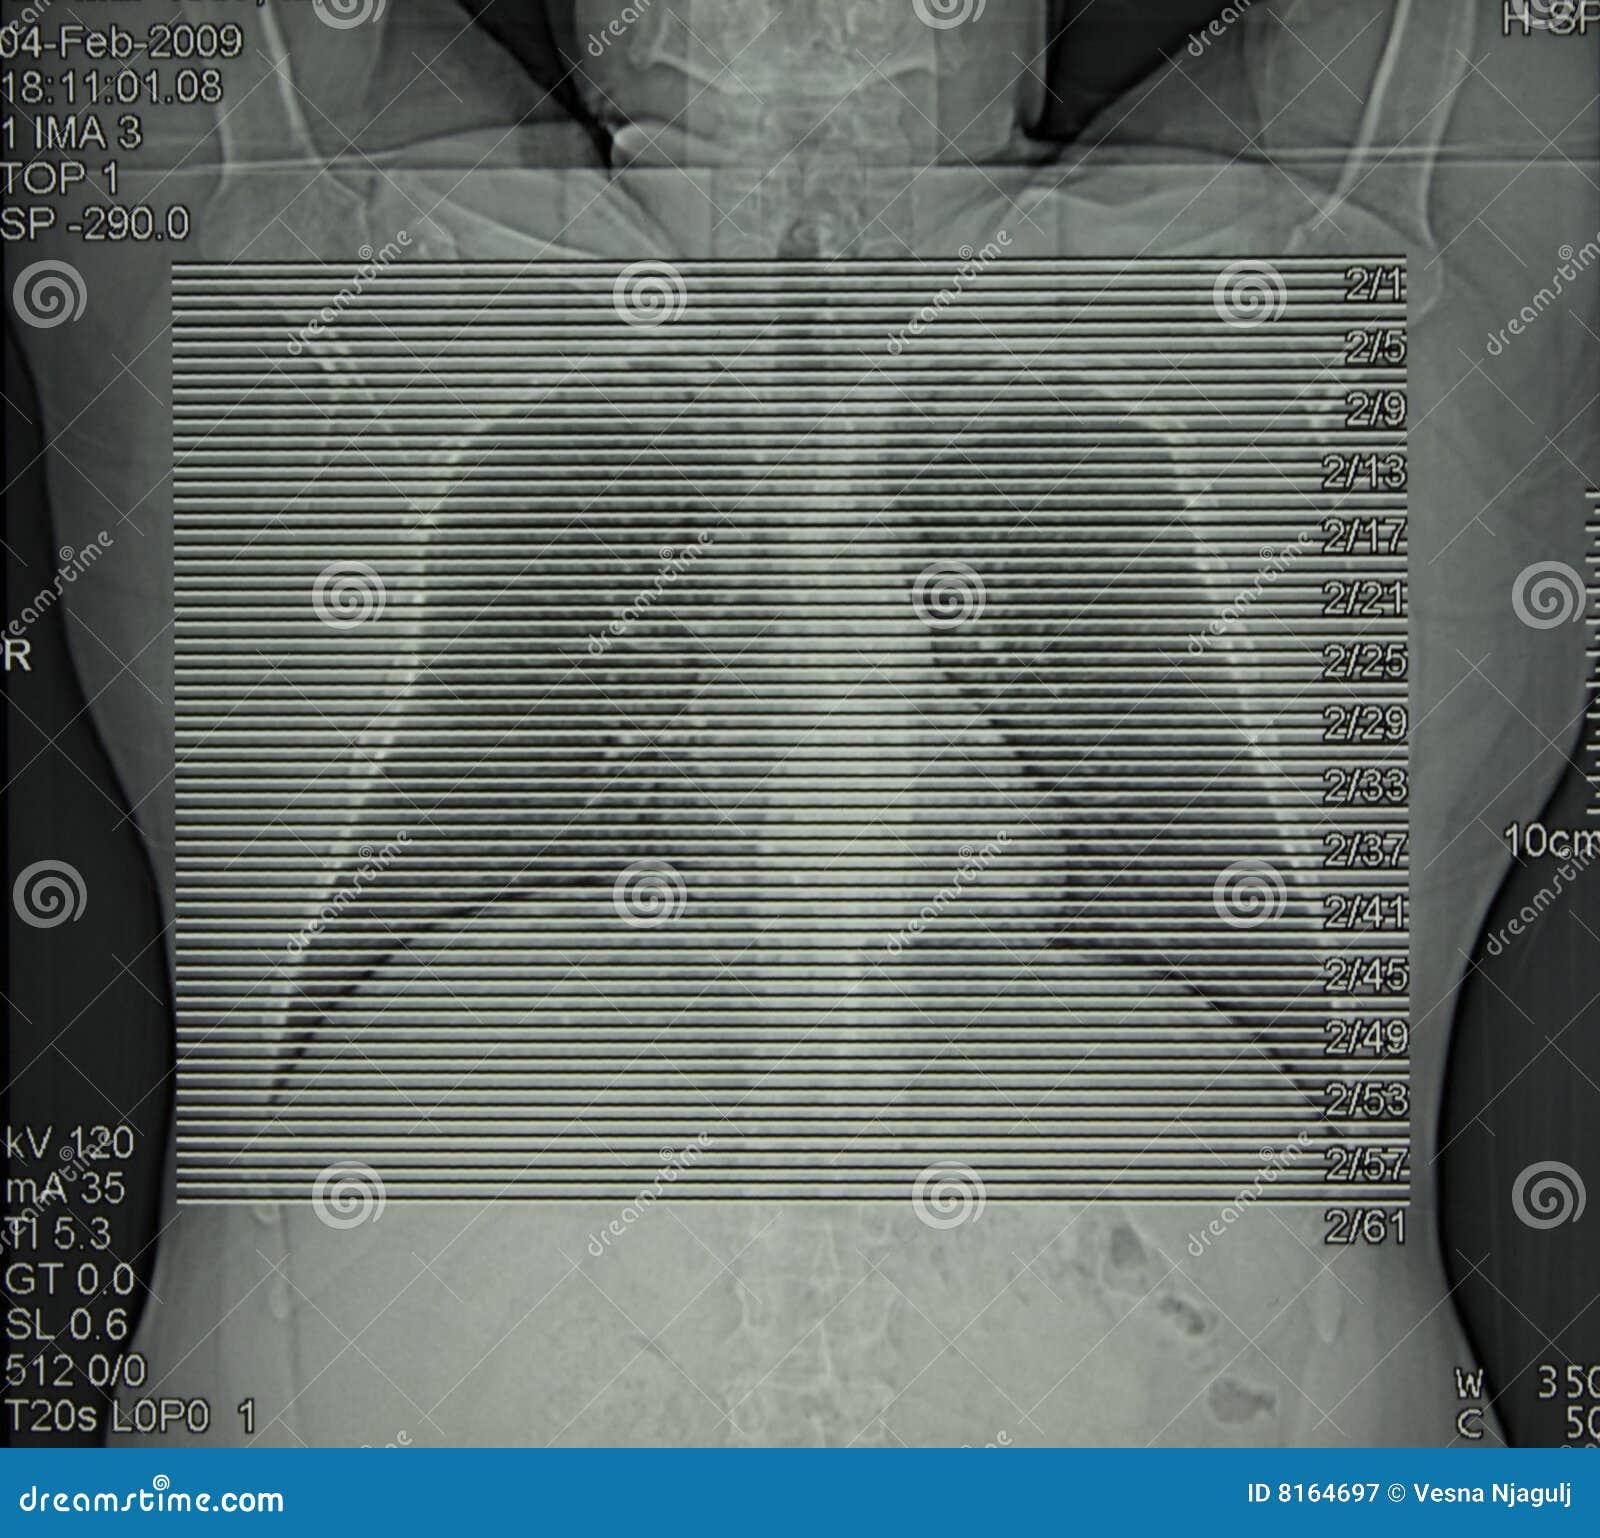 Radiologia, tomografia computata della cassa